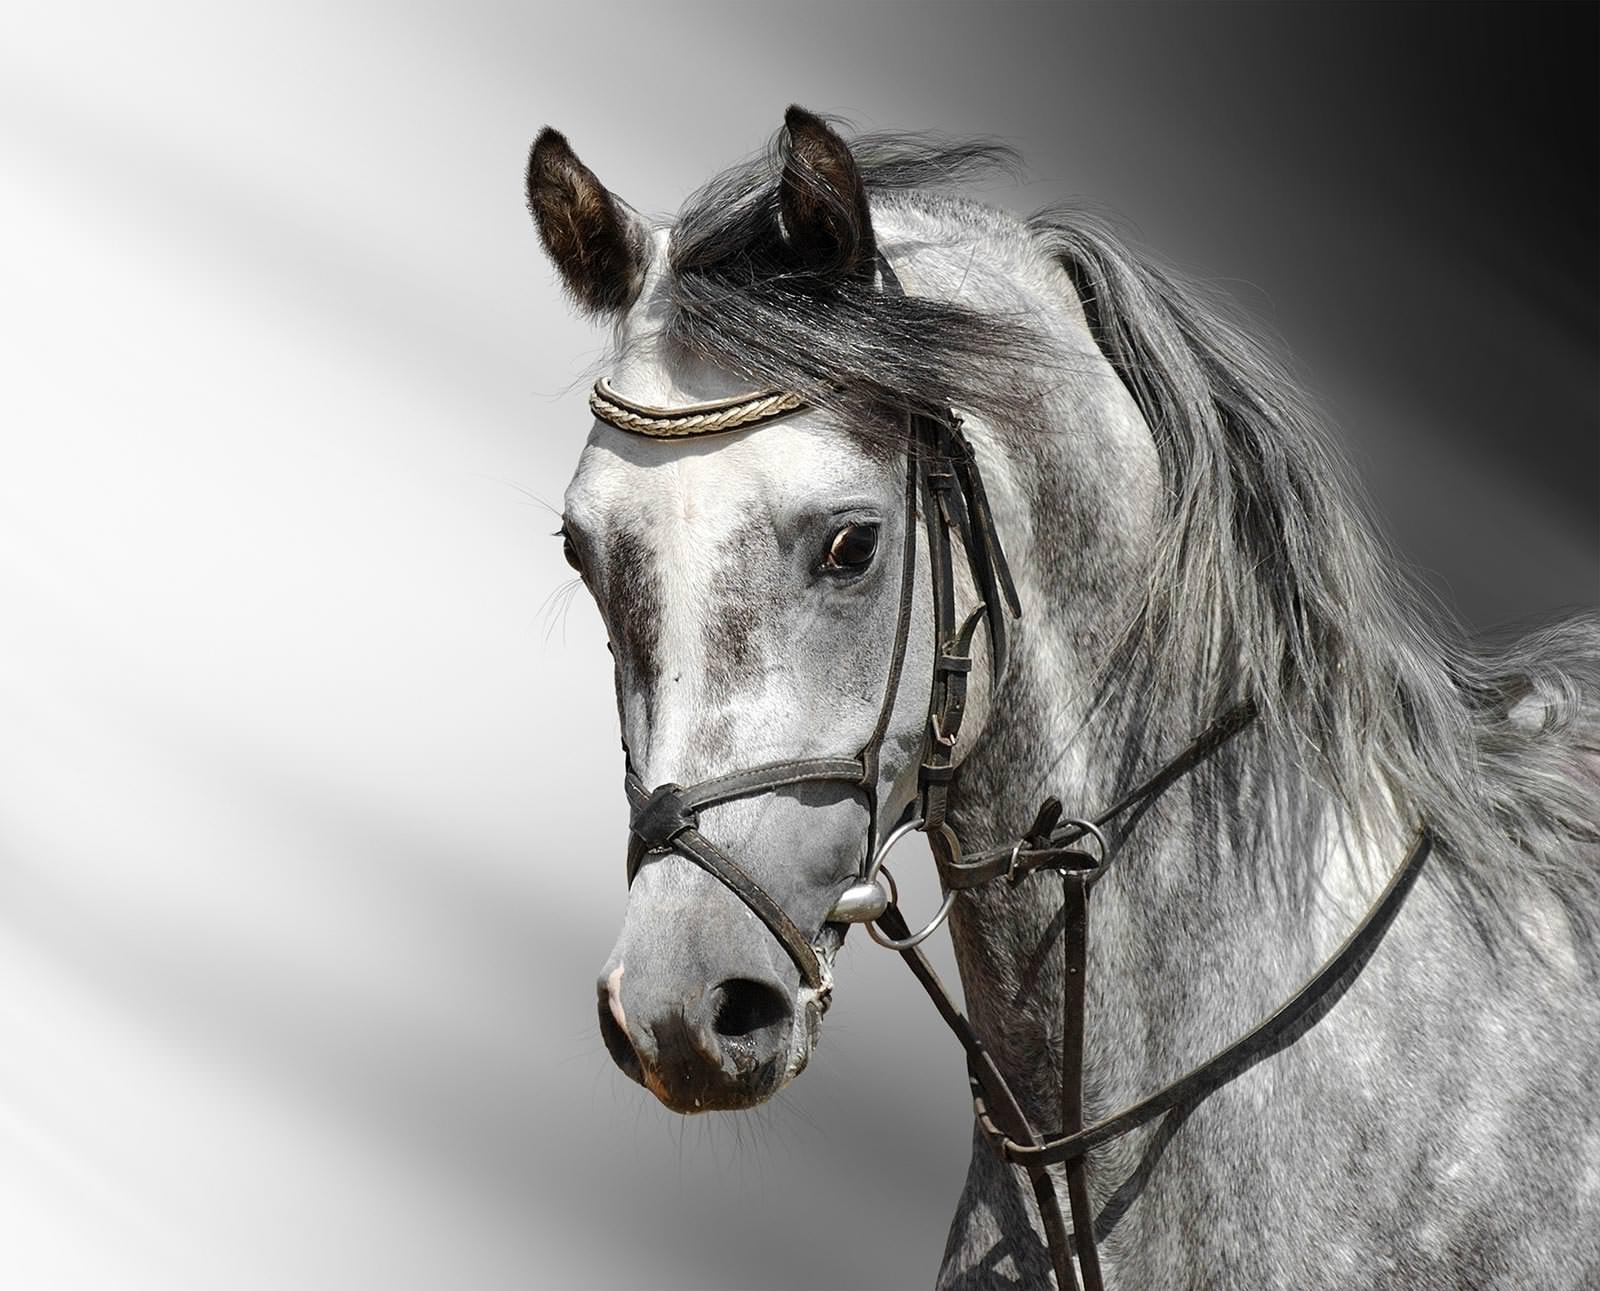 Картинка для телефона: весна, лошади, воля, загород, пасутся ... | 1291x1600